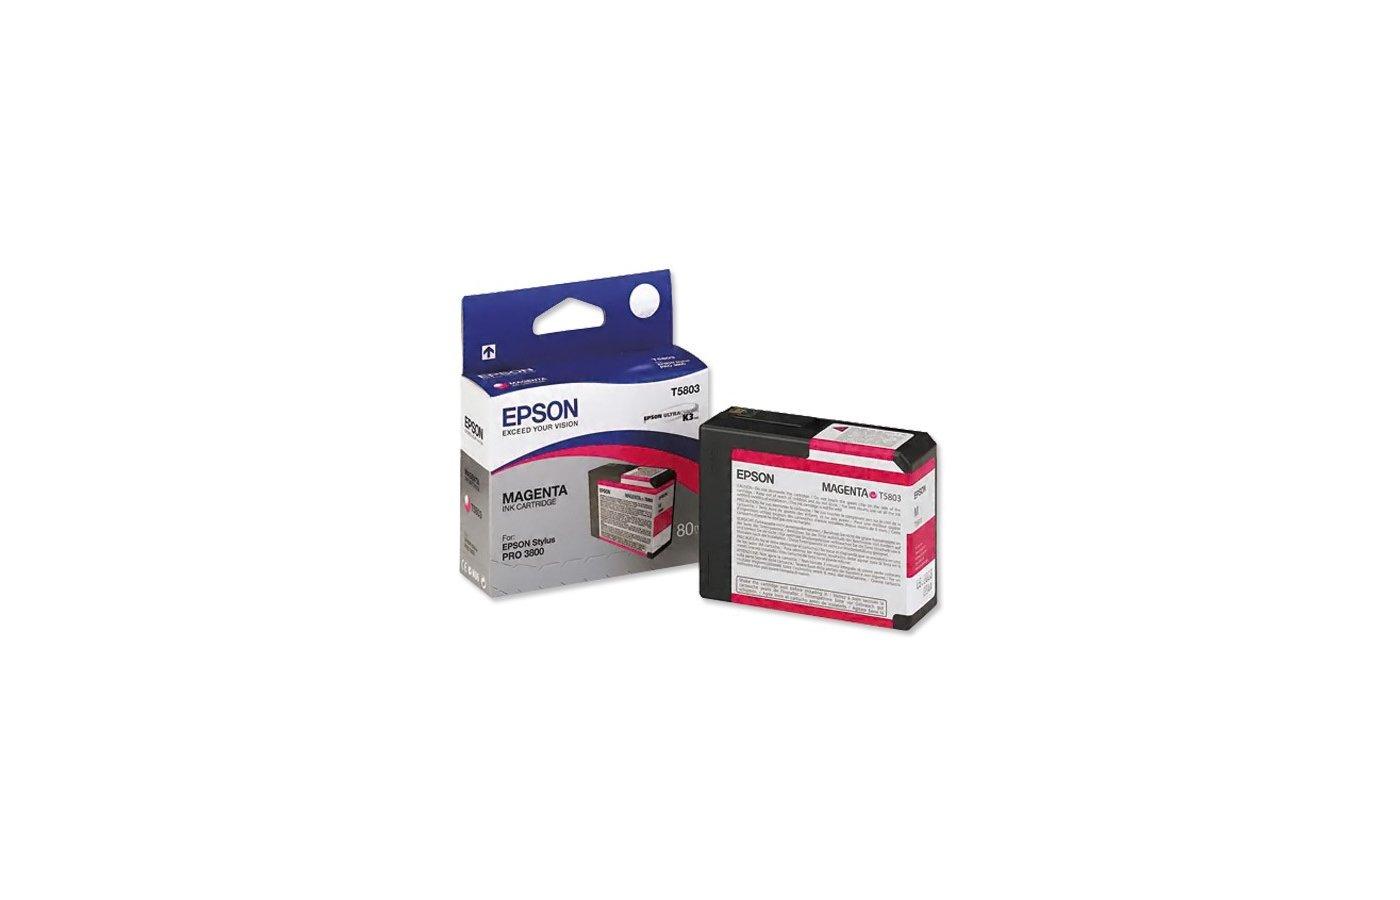 Картридж струйный Epson C13T580300 картридж (Magenta для Stylus PRO 3800 (пурпурный))